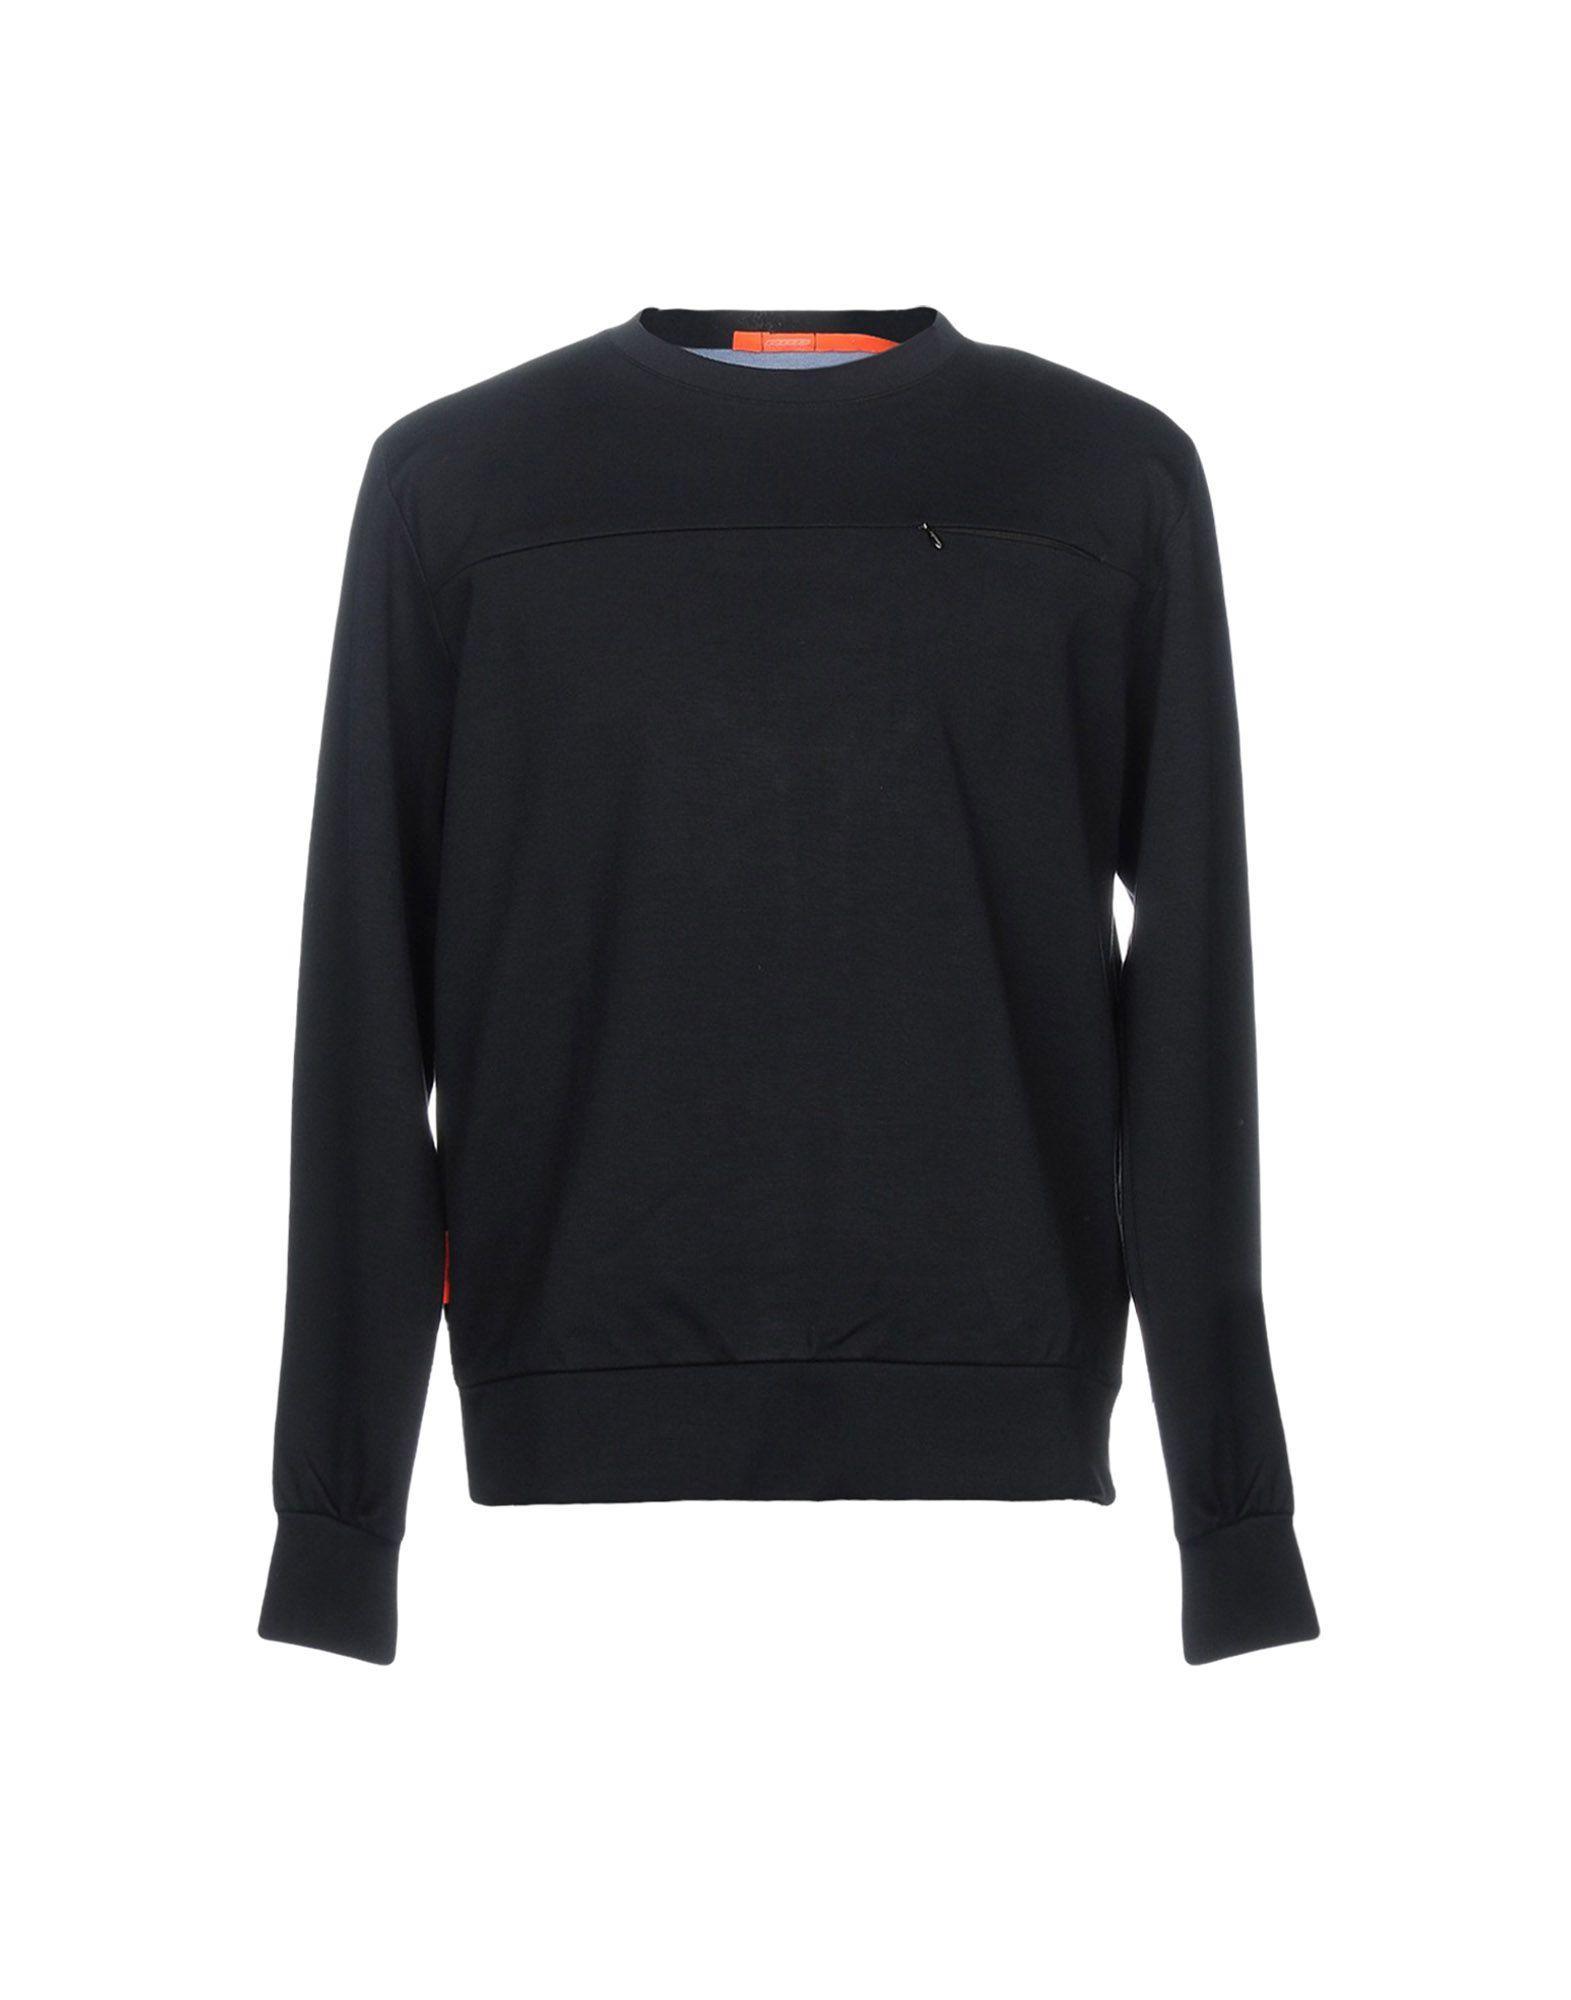 Rrd Sweatshirt In Black